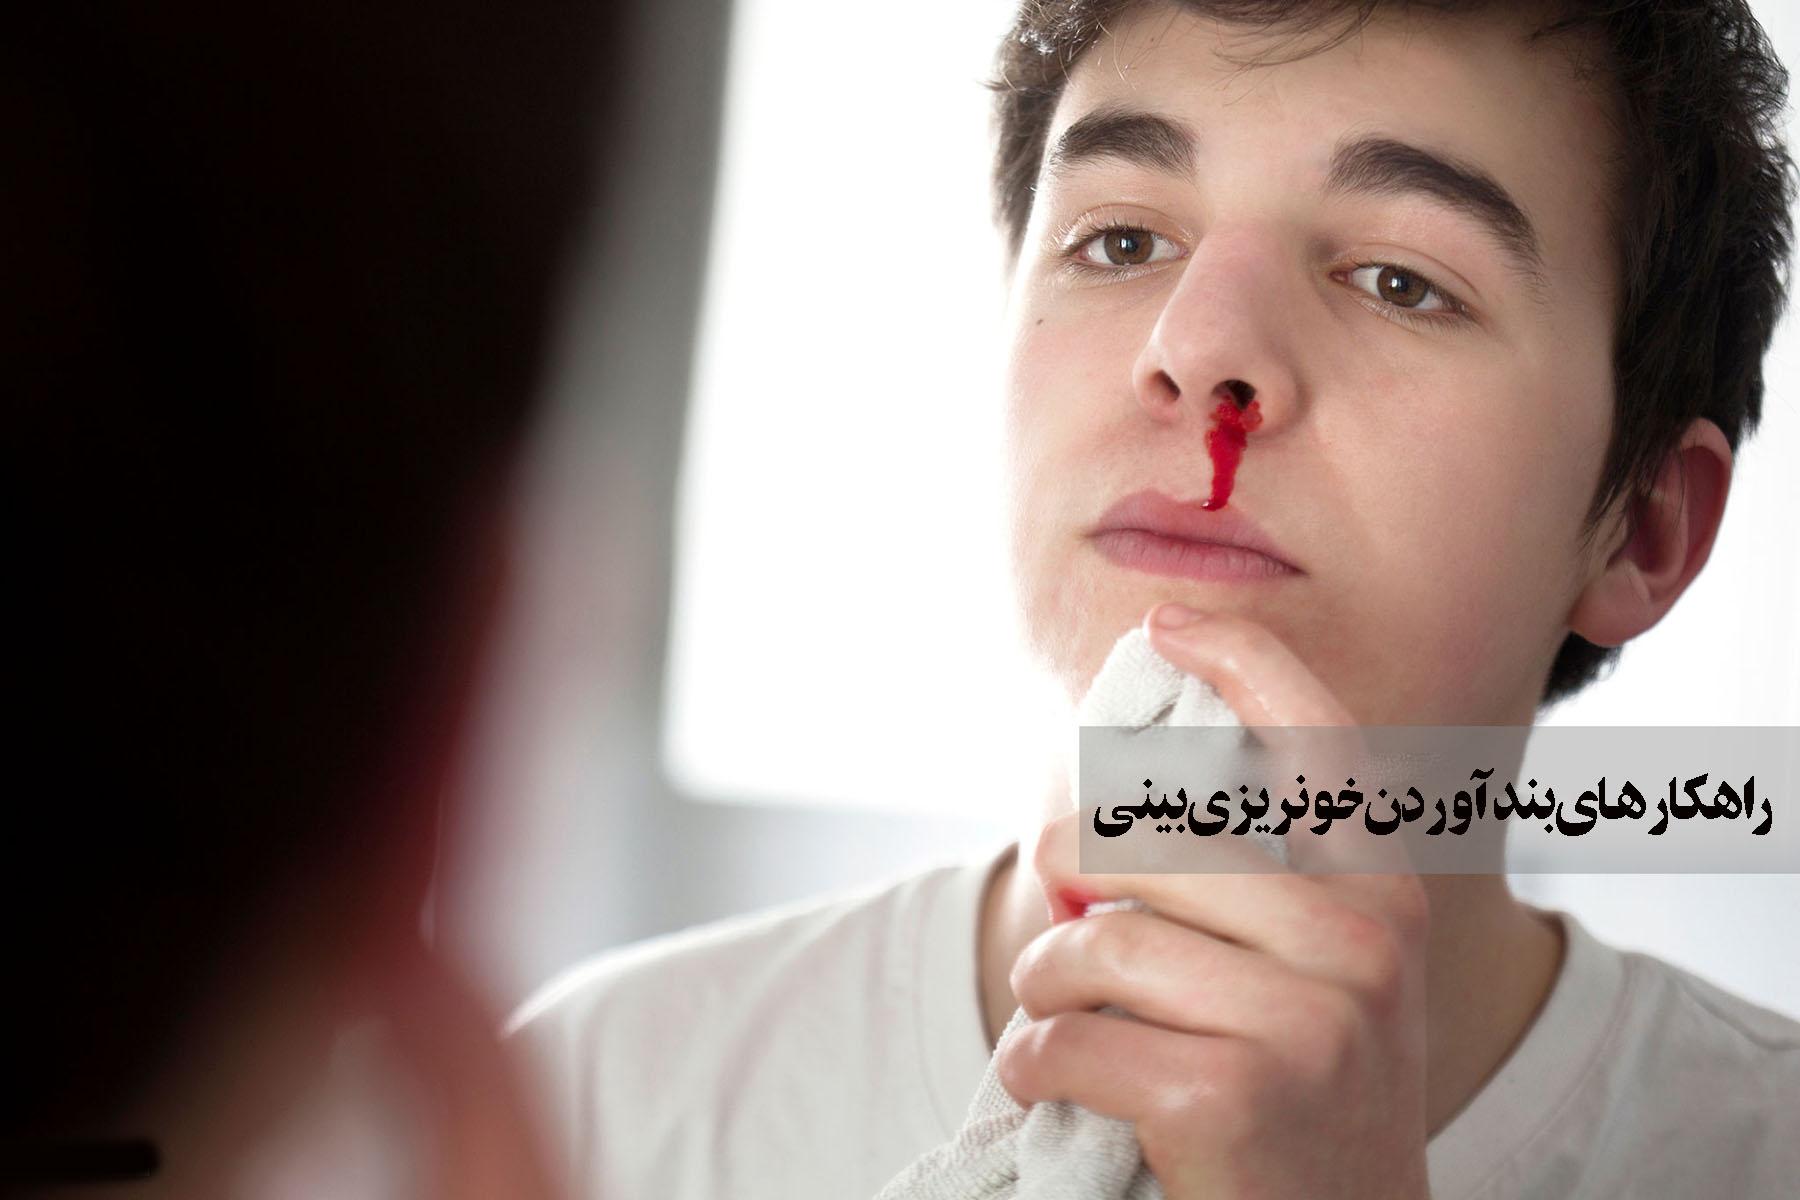 راهکارهای بند آوردن خونریزی بینی (بخش دوم)